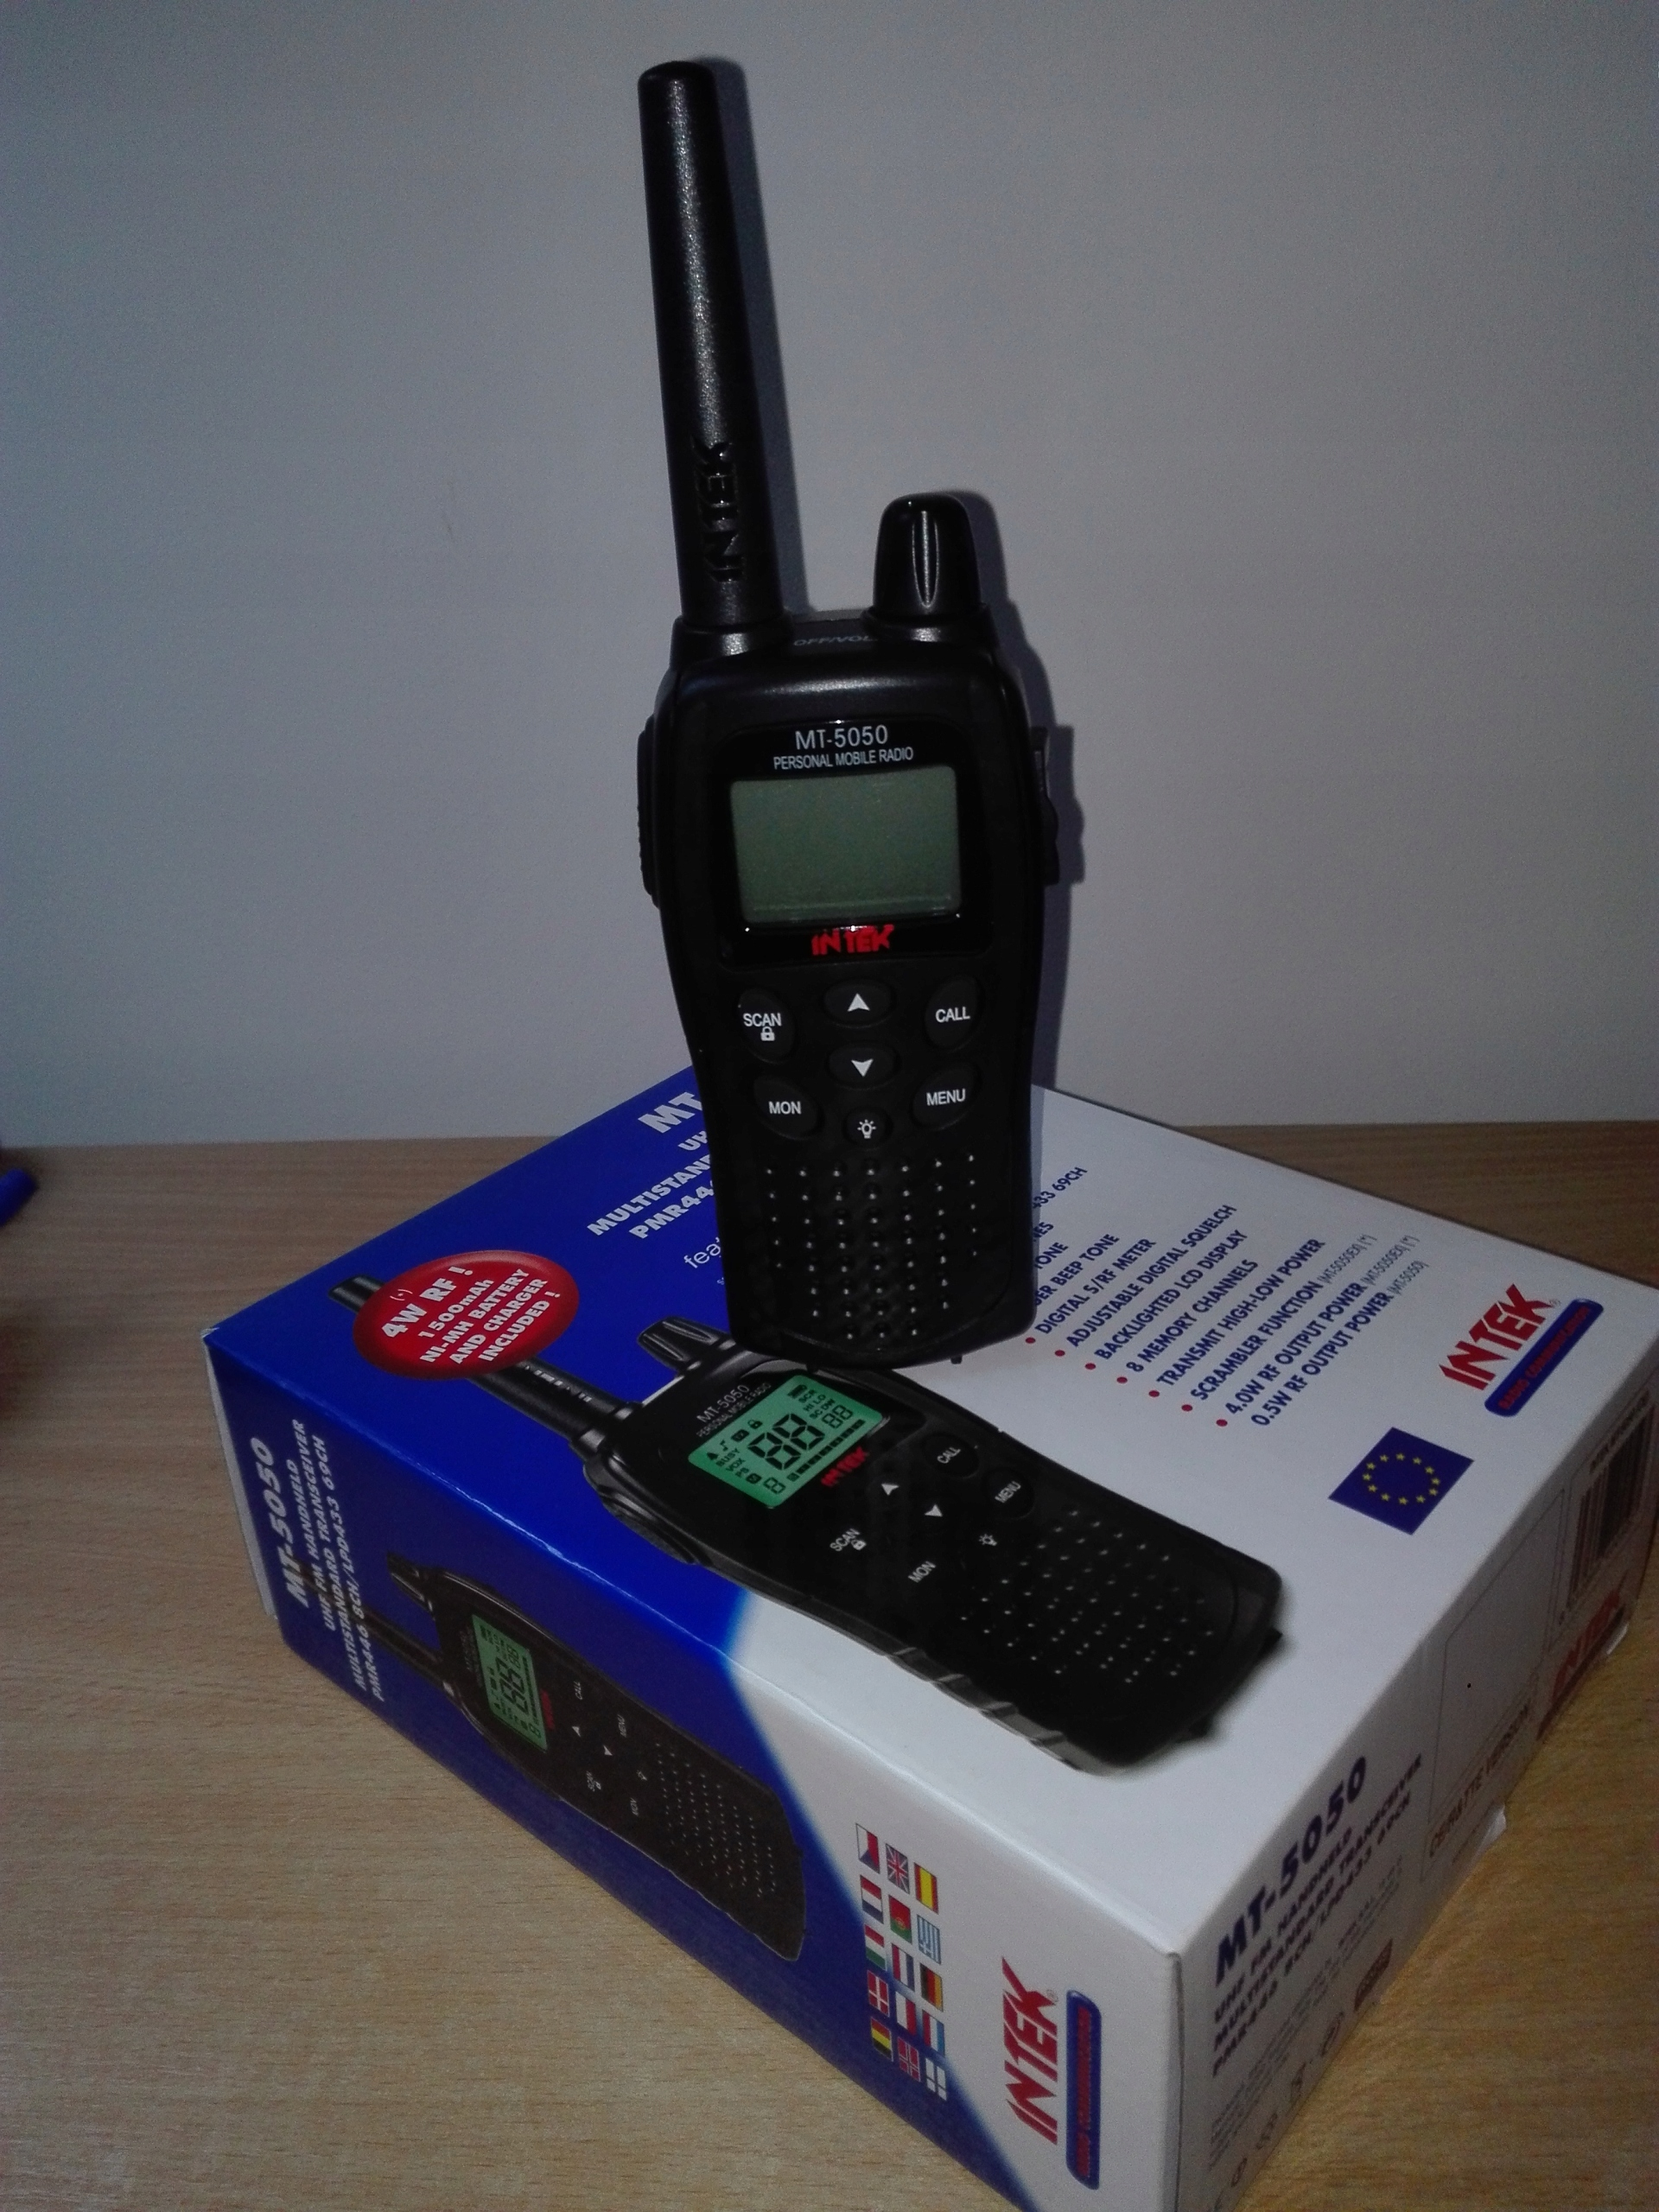 Radiotelefon Intek 5050